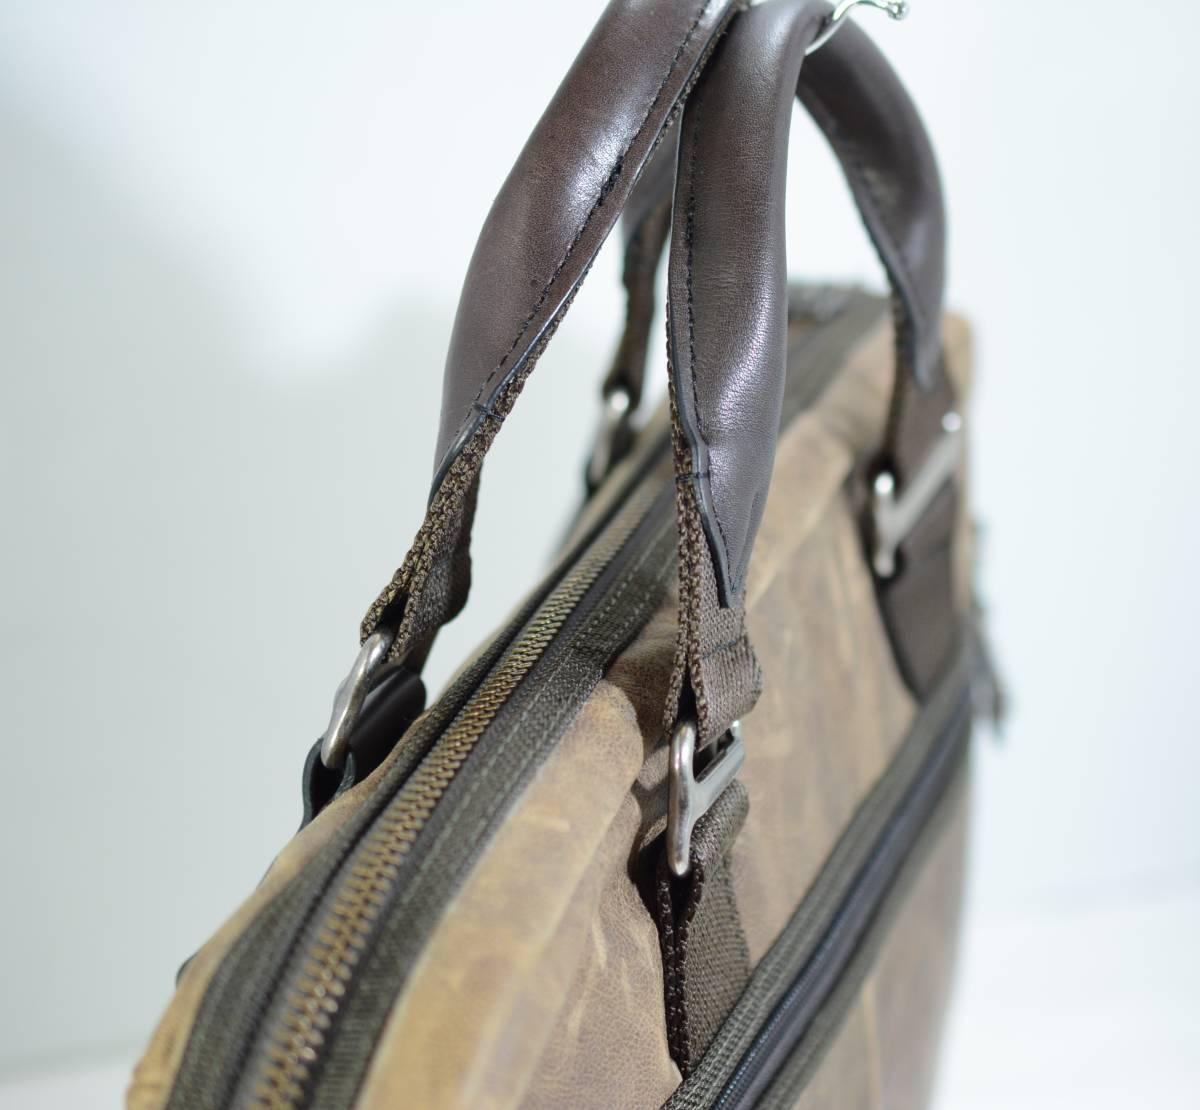 ☆美品 TUMI トゥミ ビジネスバッグ ブリーフケース バッグ 茶色 ブラウン☆高級書類鞄☆_画像5